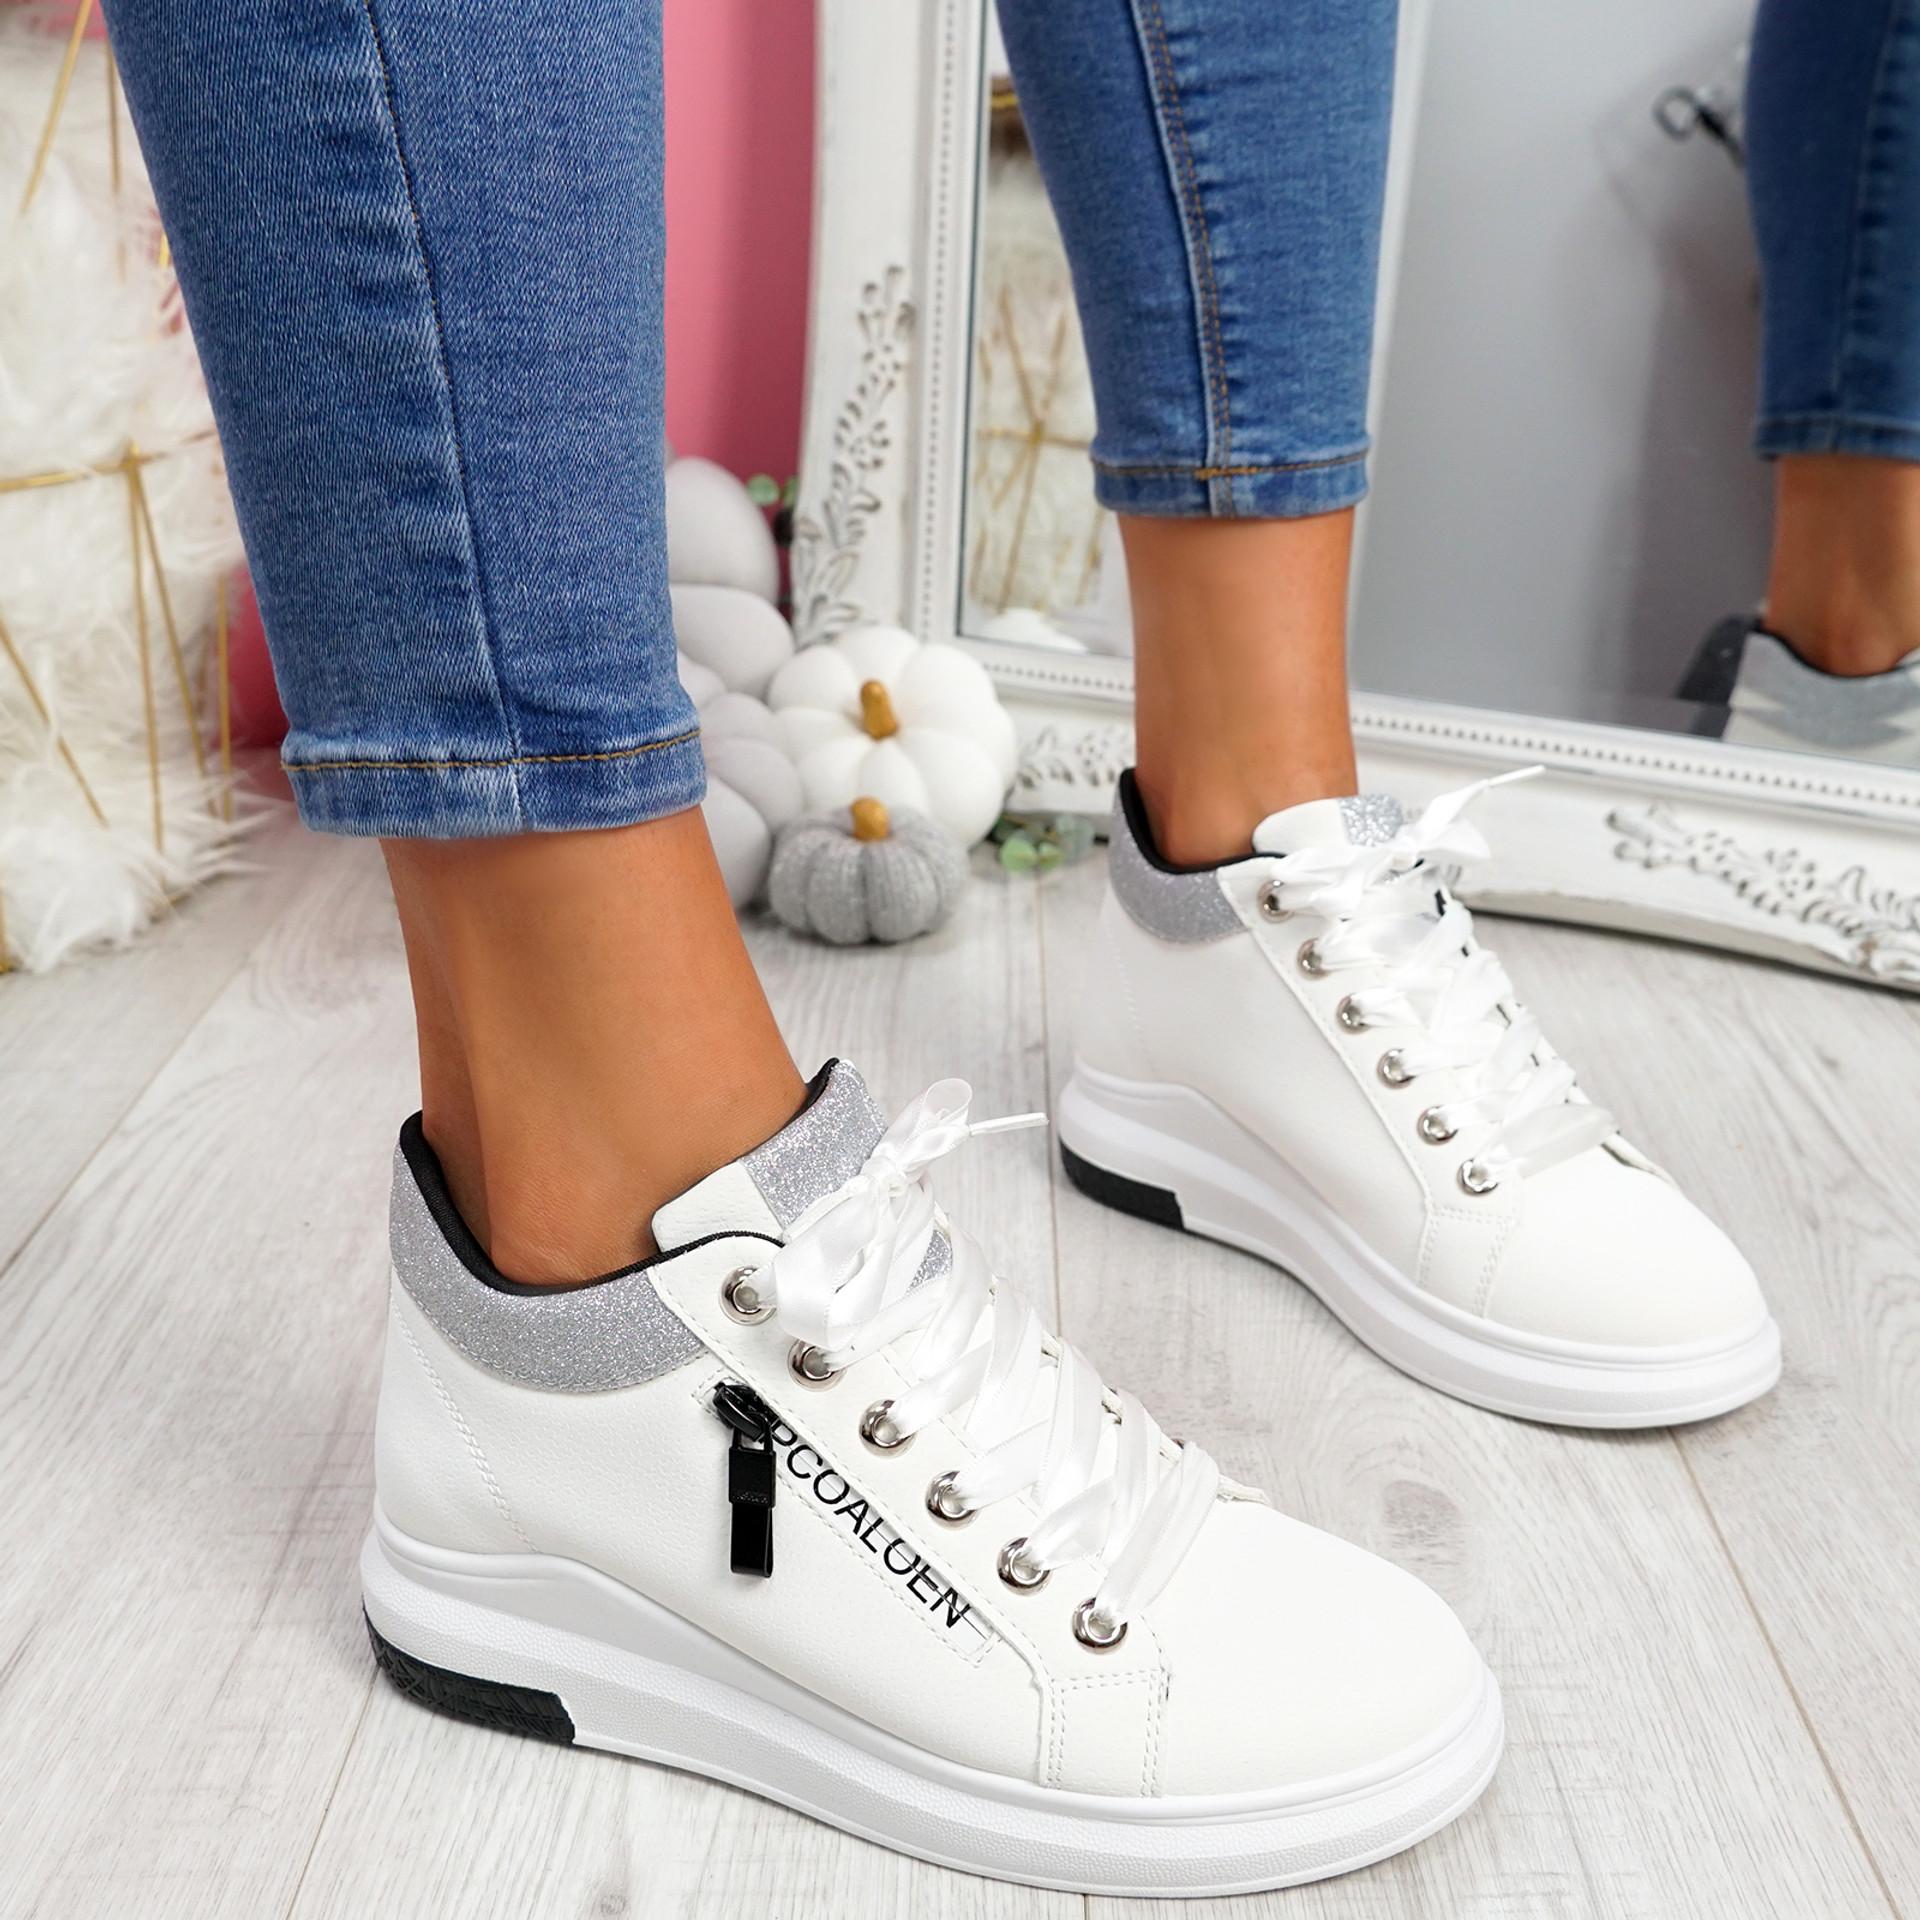 Kebbo White Glitter Sneakers